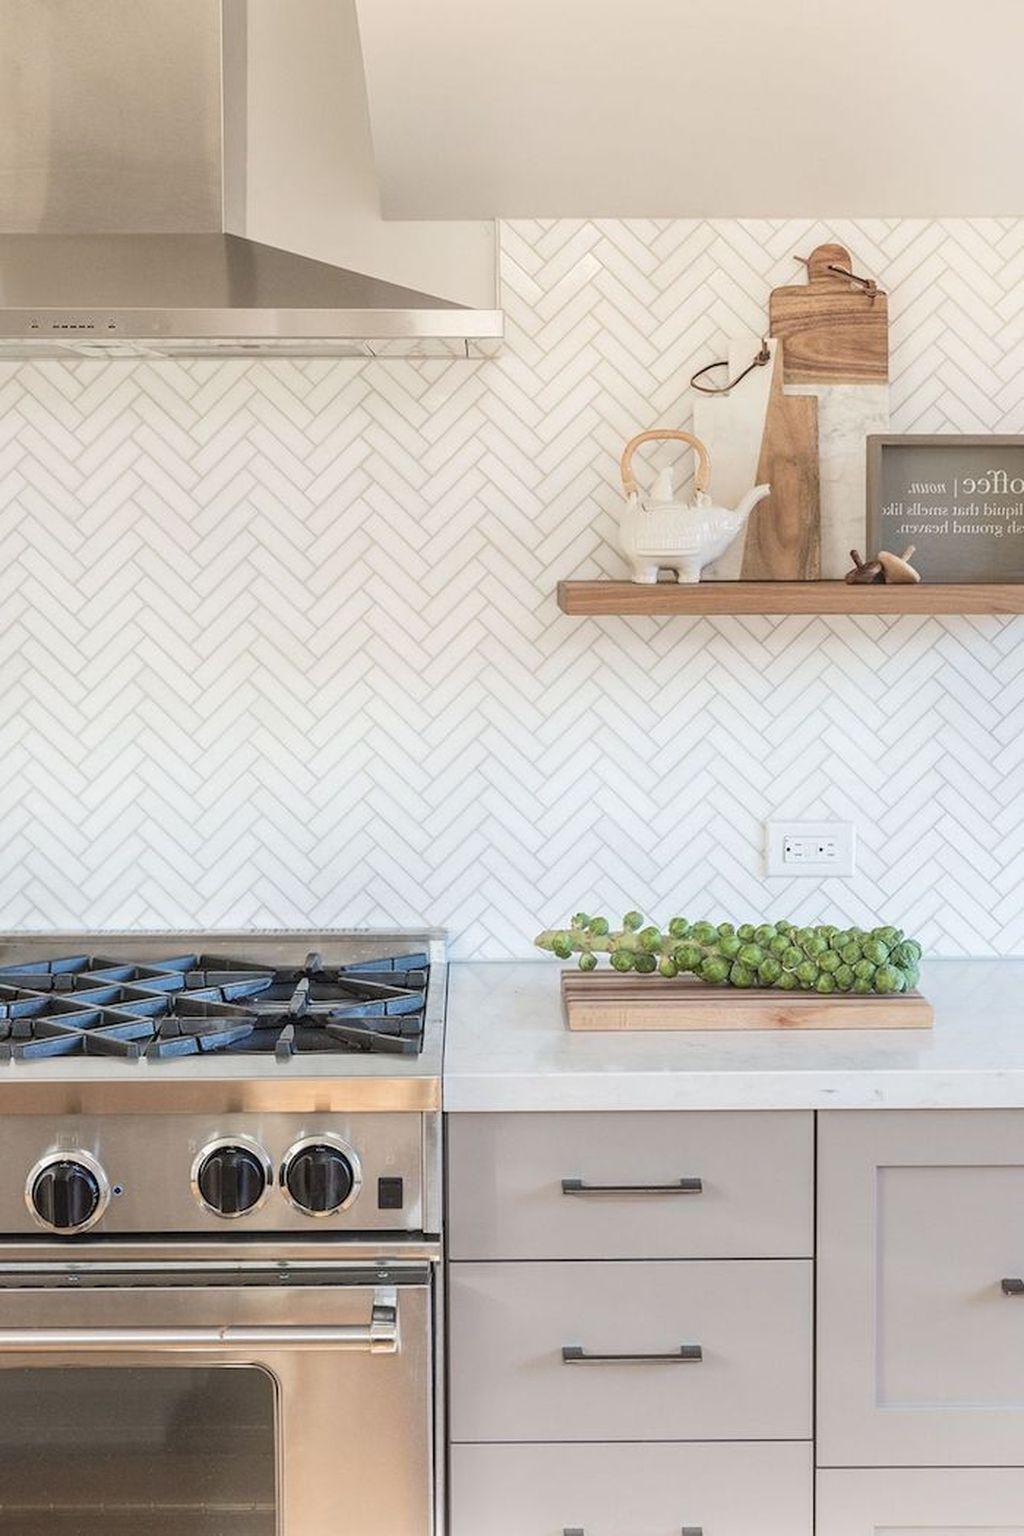 Awesome Creative Kitchen Backsplash Ideas 24